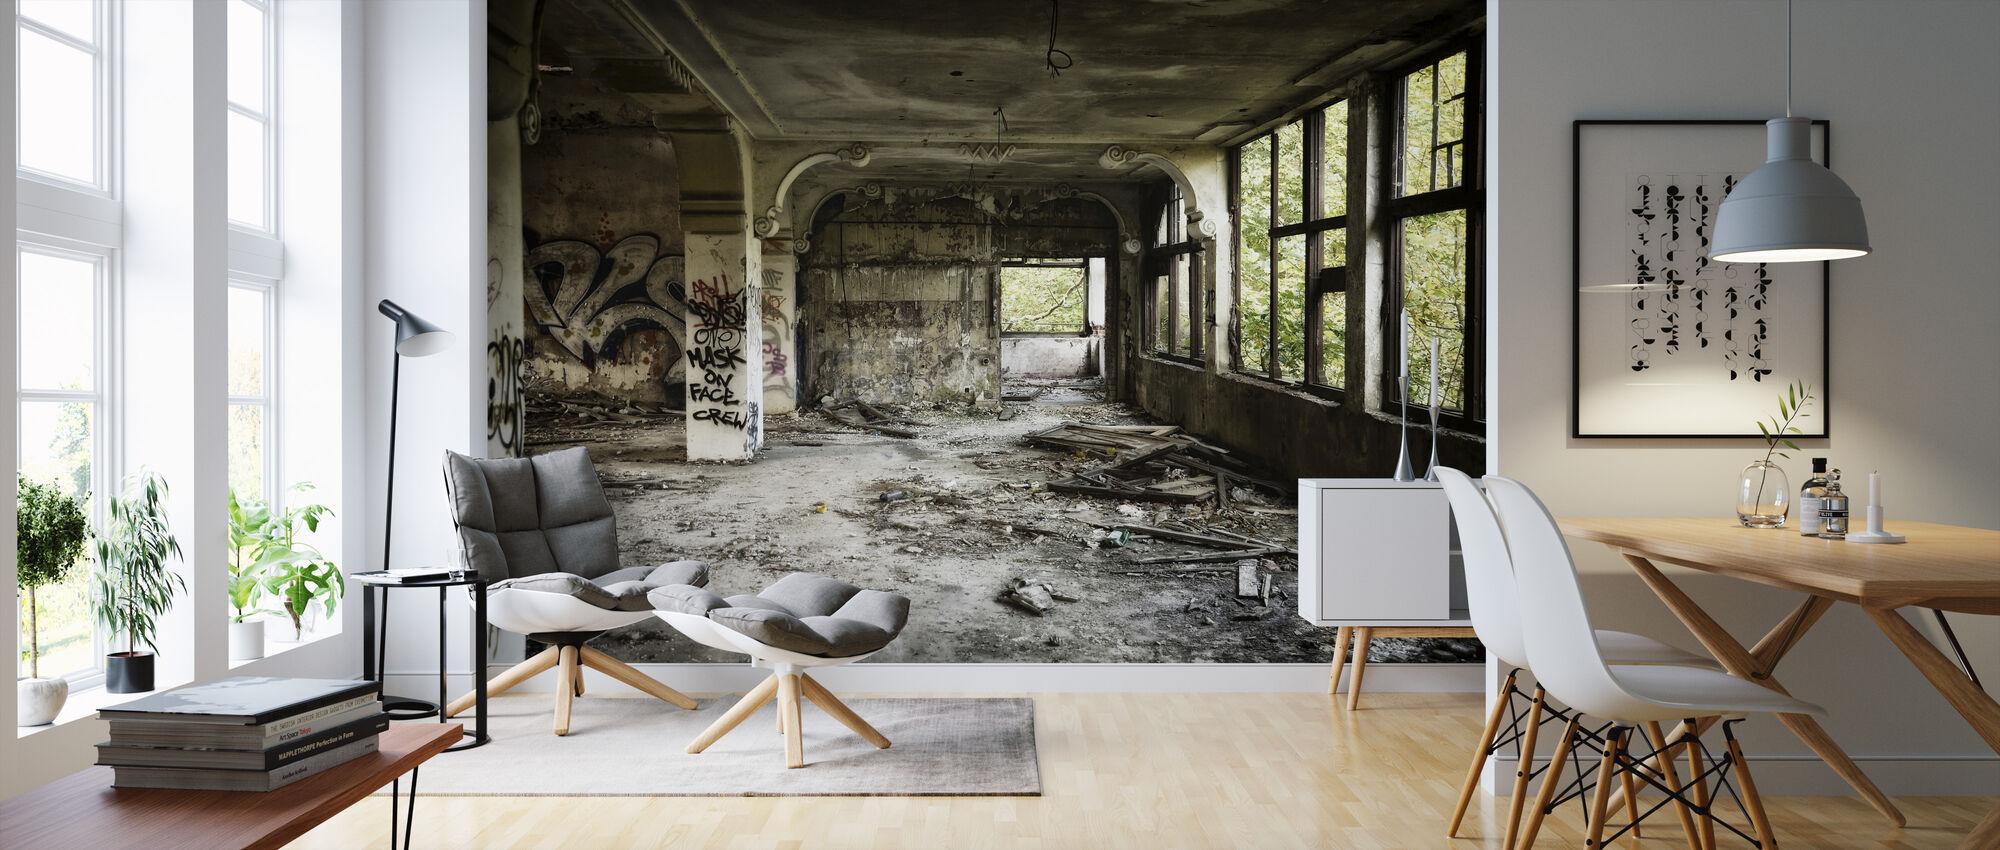 Ruinierte Villa - Tapete - Wohnzimmer